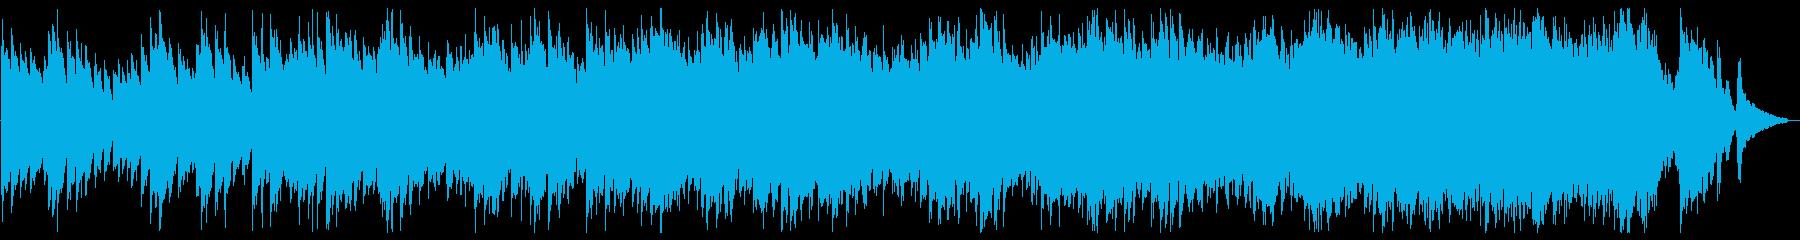 動画 感情的 説明的 やる気 気分...の再生済みの波形